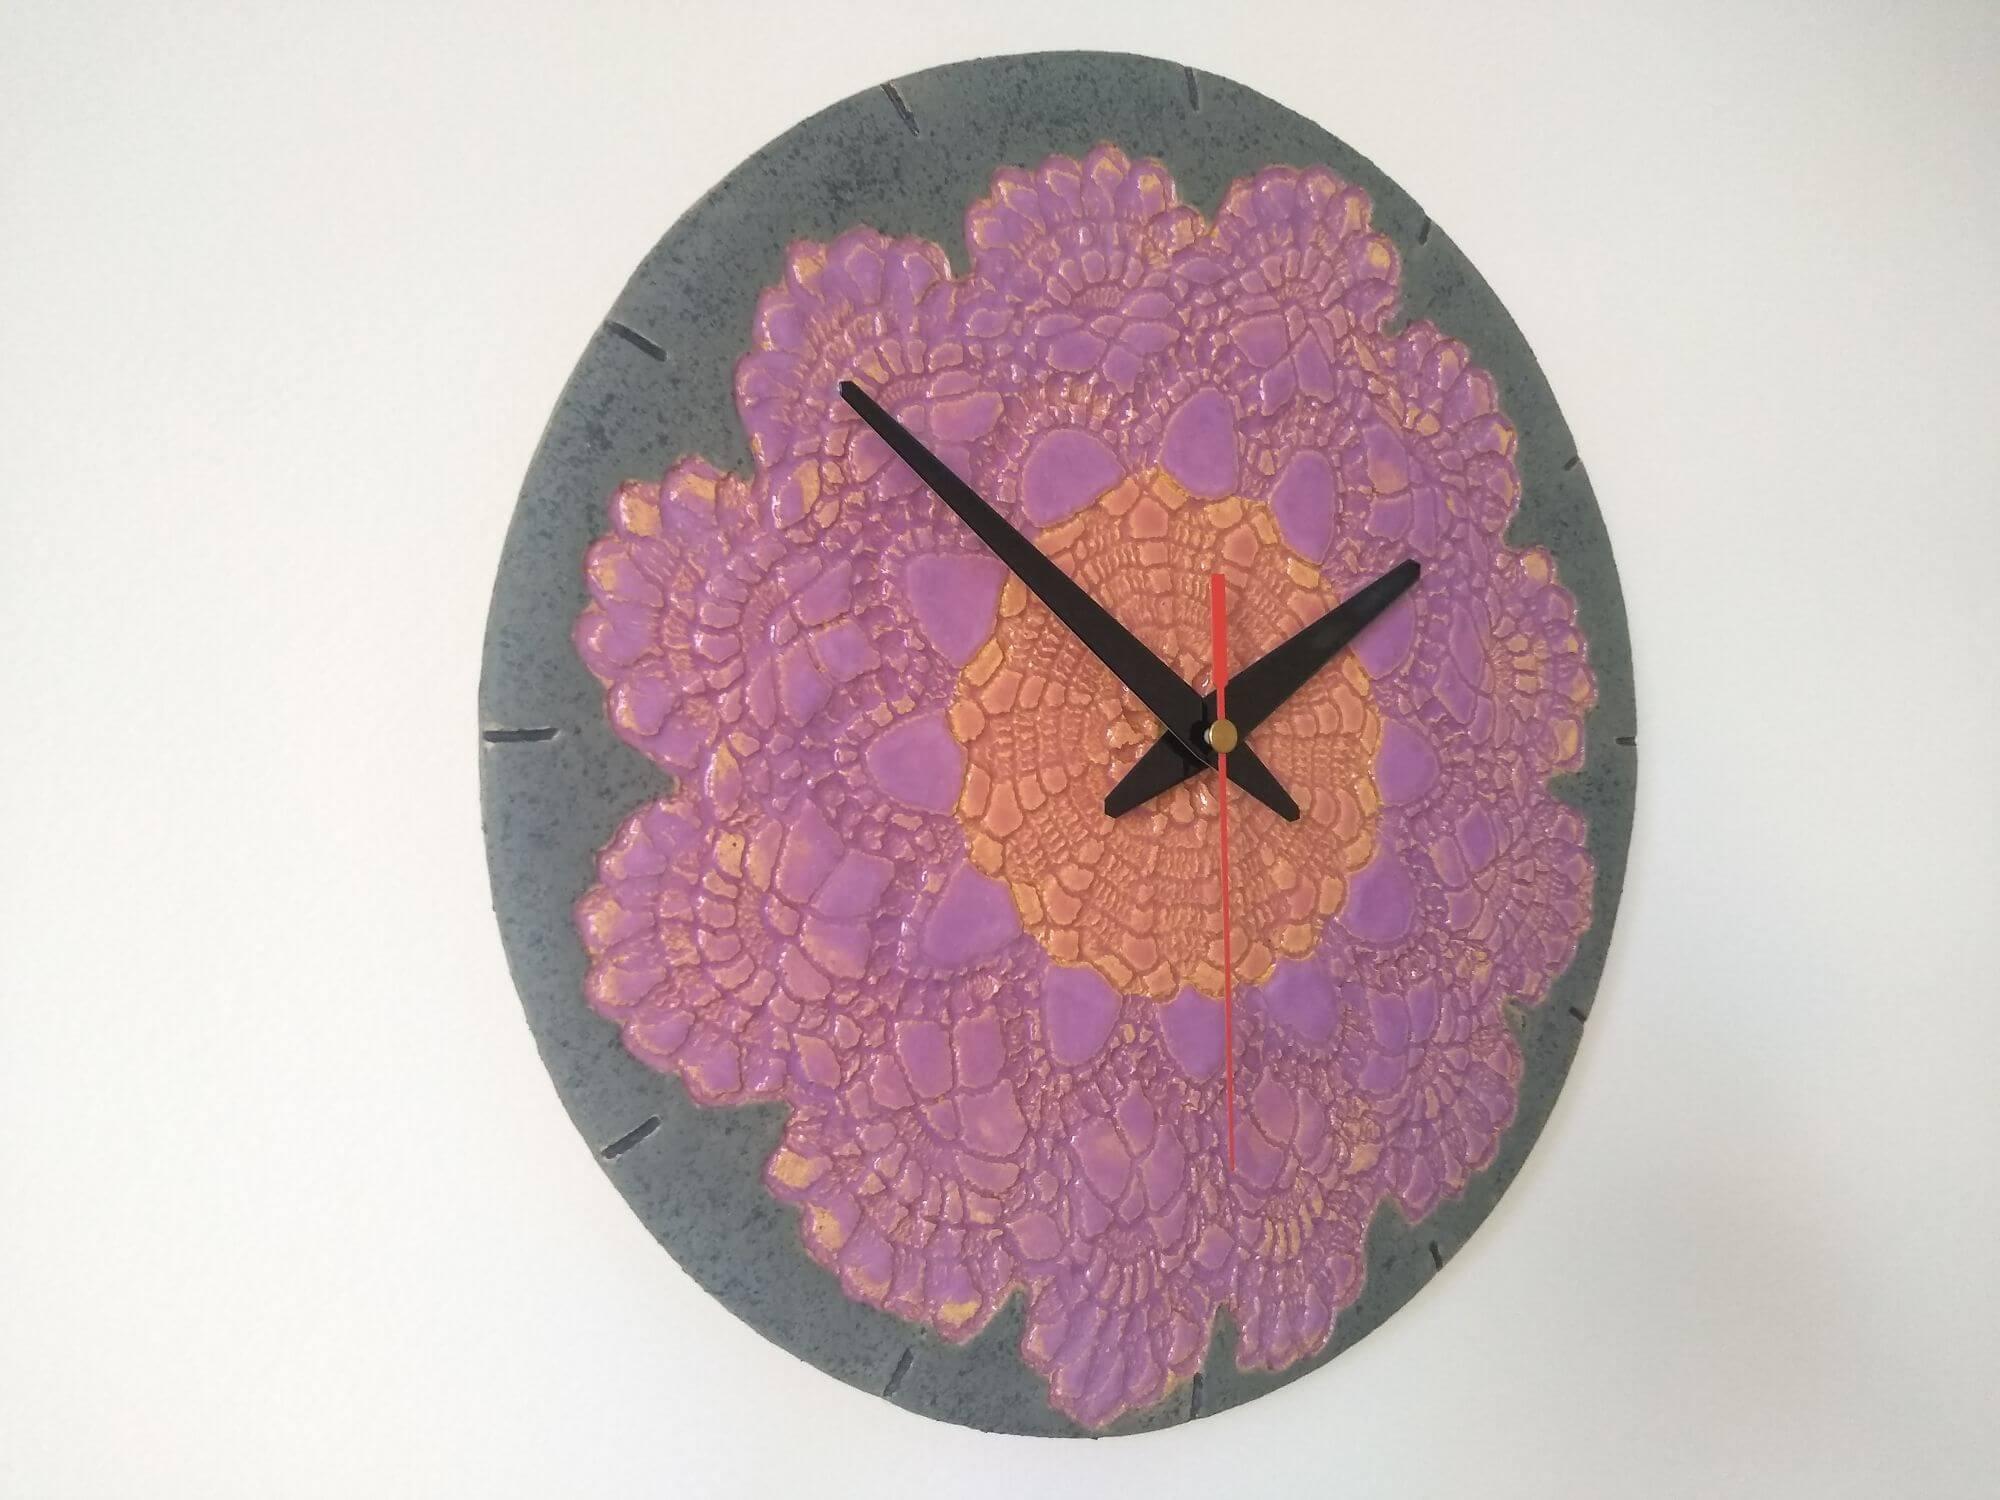 ceramiczny-zegar-fioletowa-koronka-eweolo